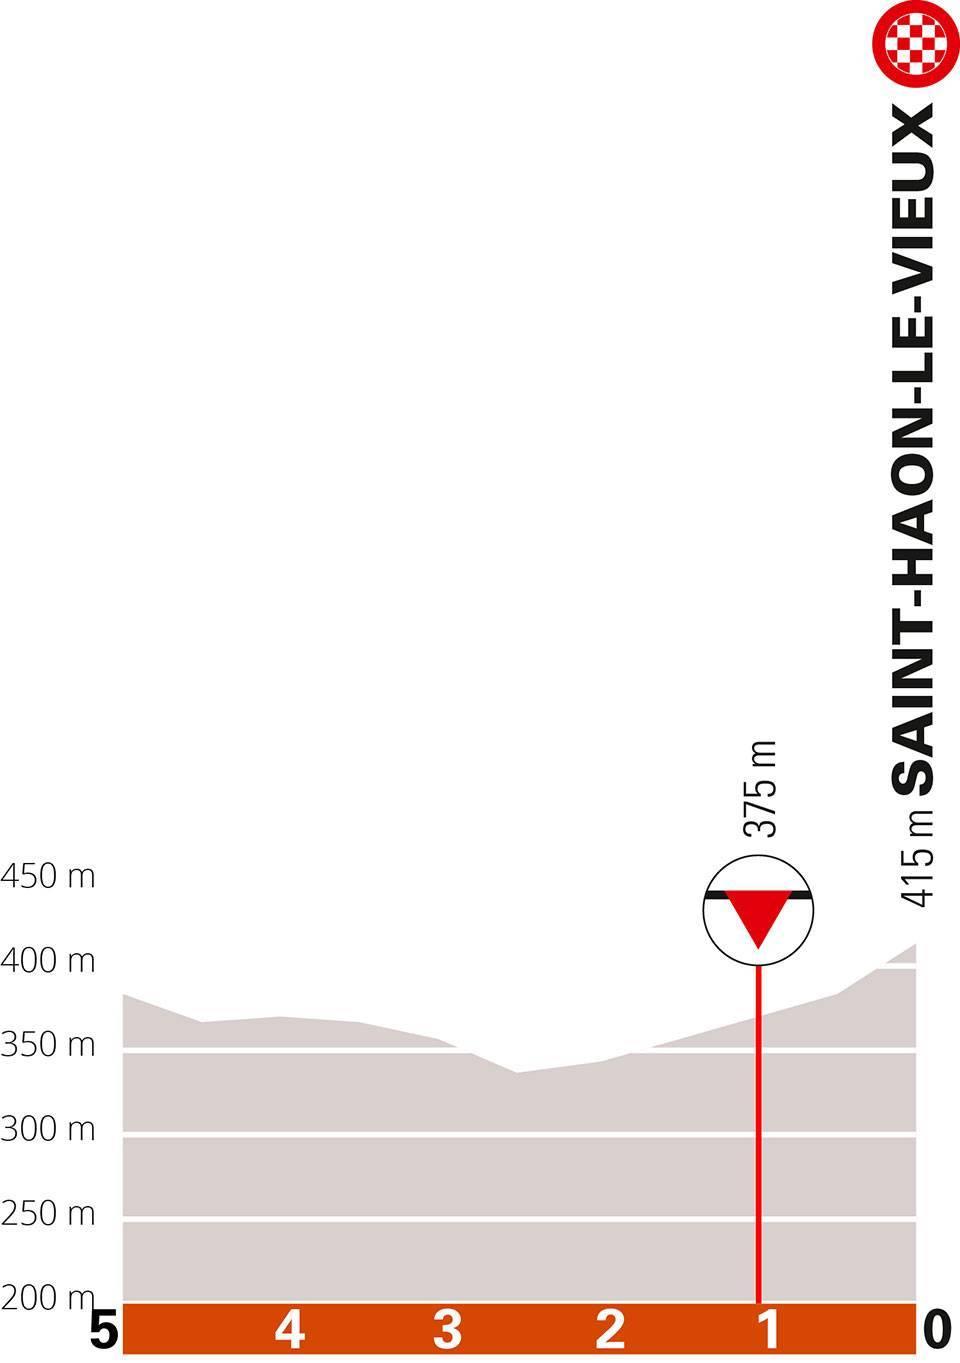 Stage 3 of the 2021 Criterium du Dauphine